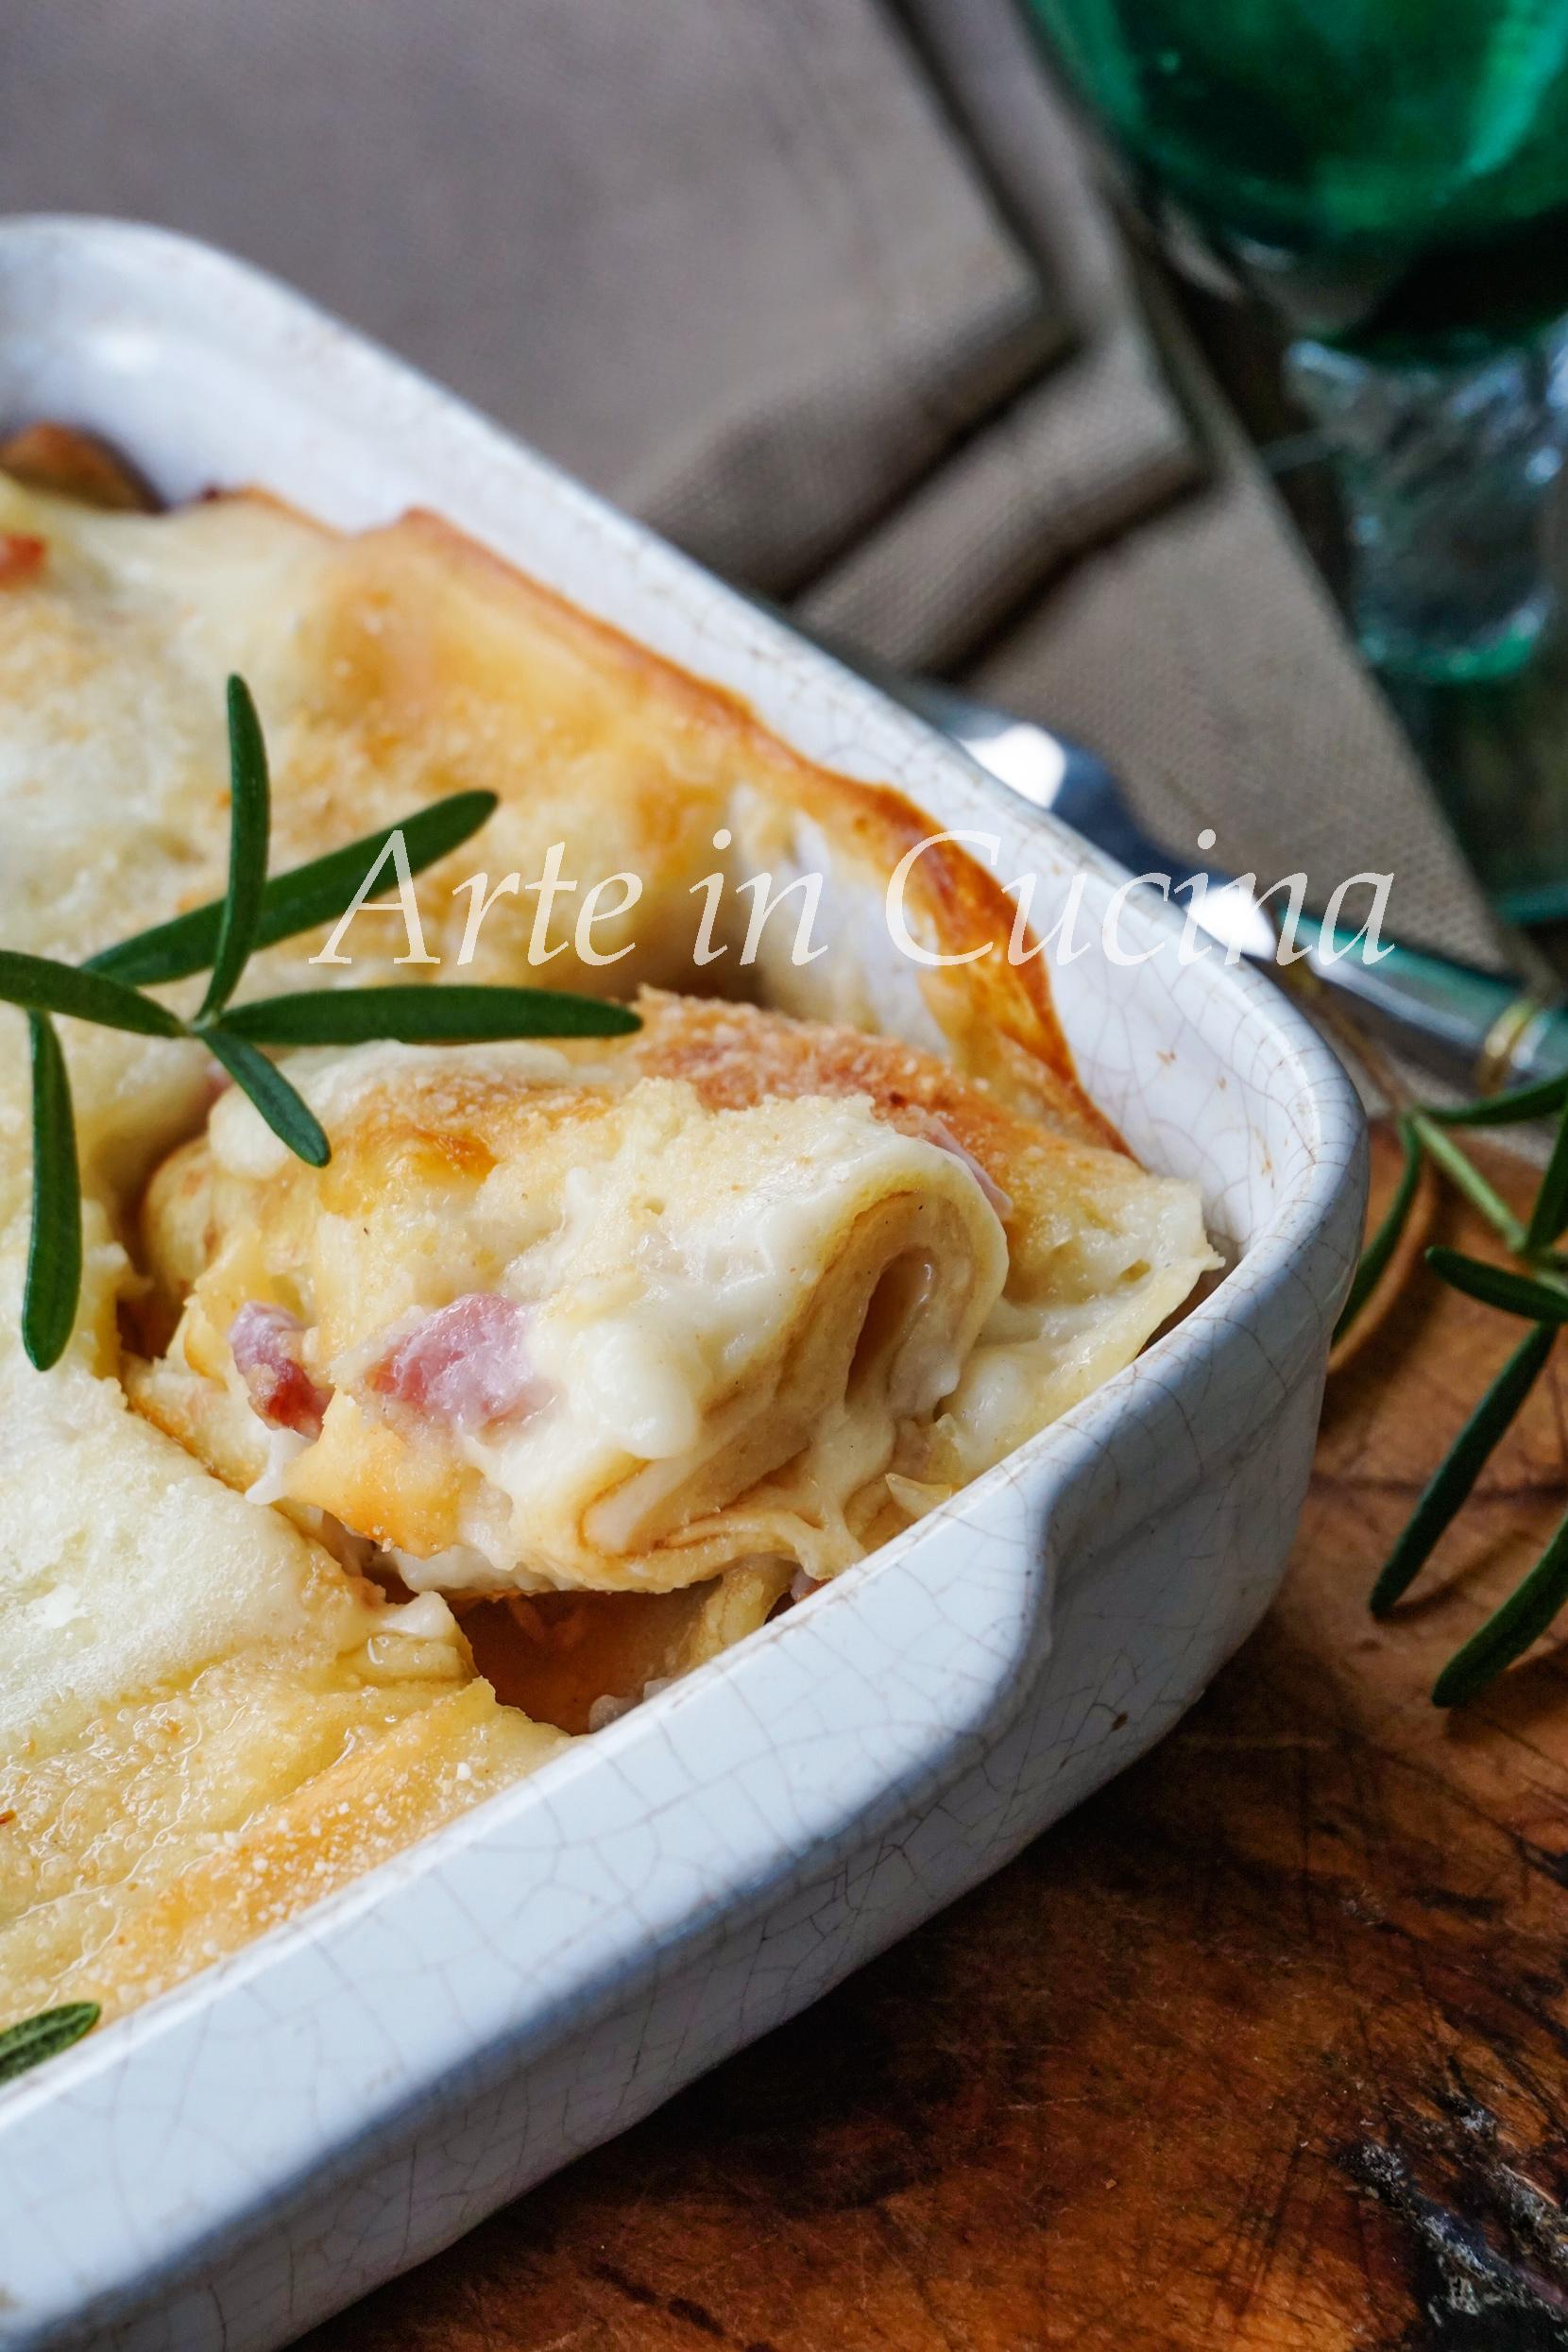 Cannelloni di crepes speck e provola con besciamella vickyart arte in cucina